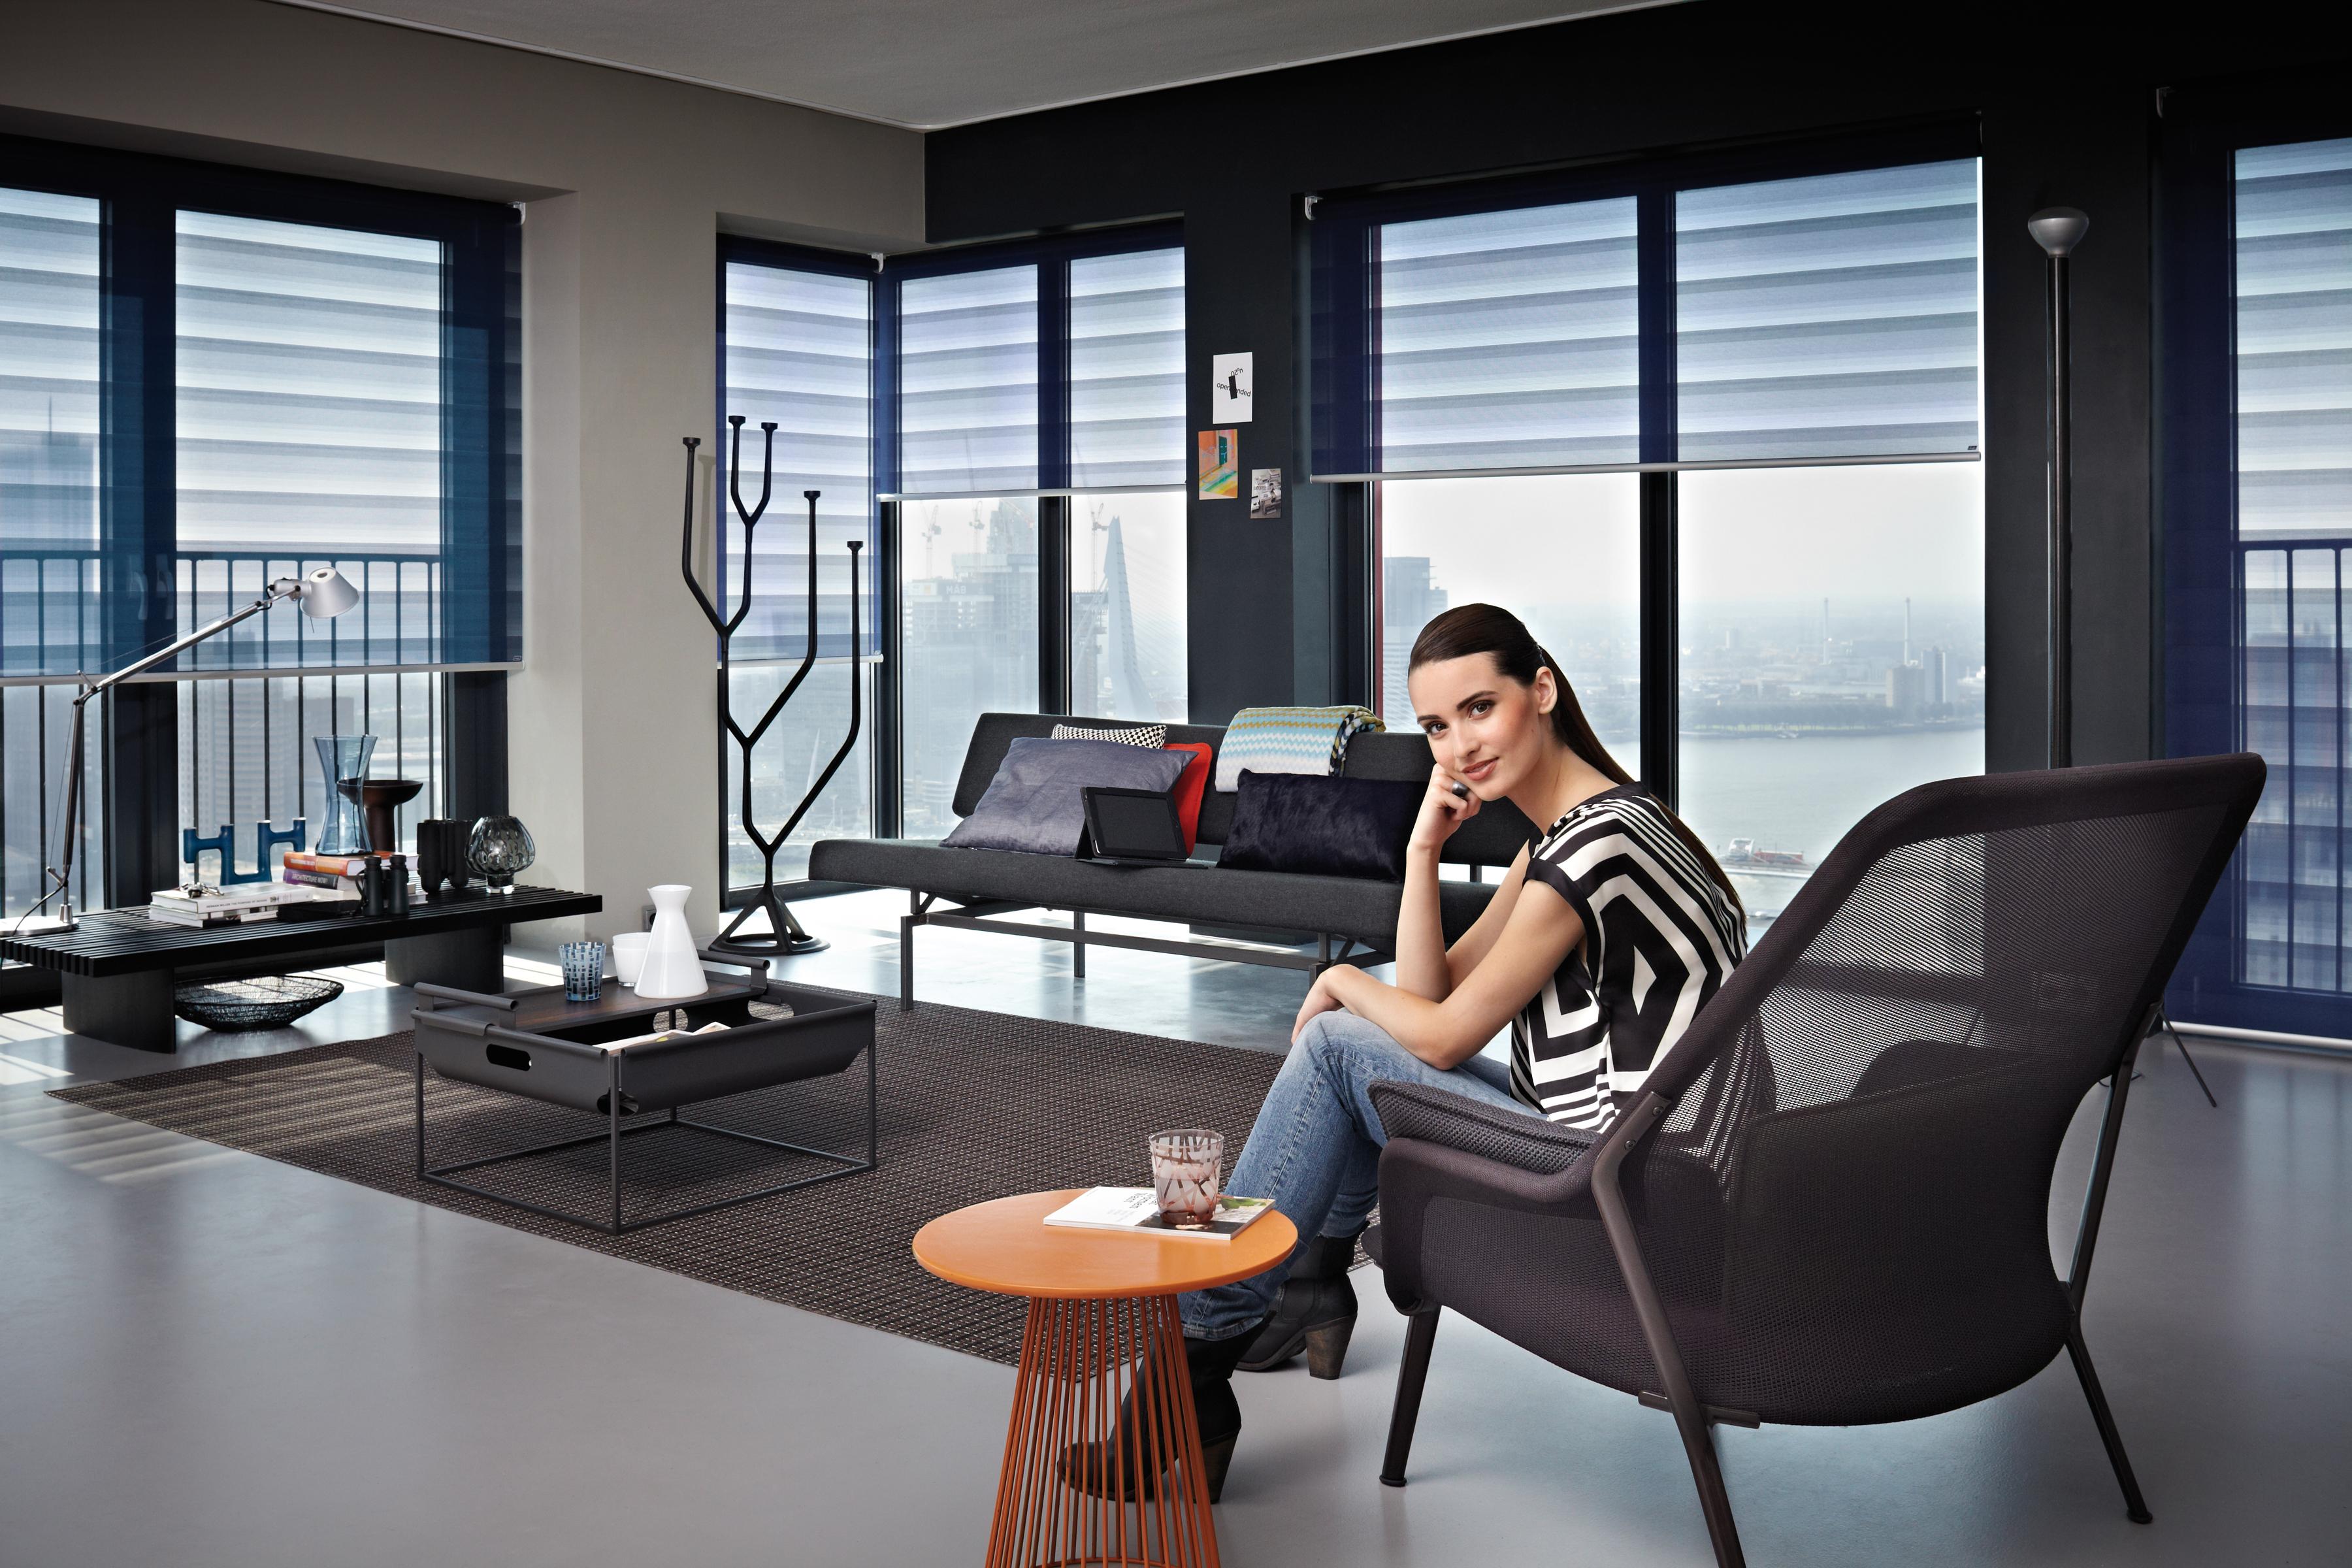 Rolgordijnen Slaapkamer 9 : Luxaflex rolgordijnen bestellen nu 30% korting